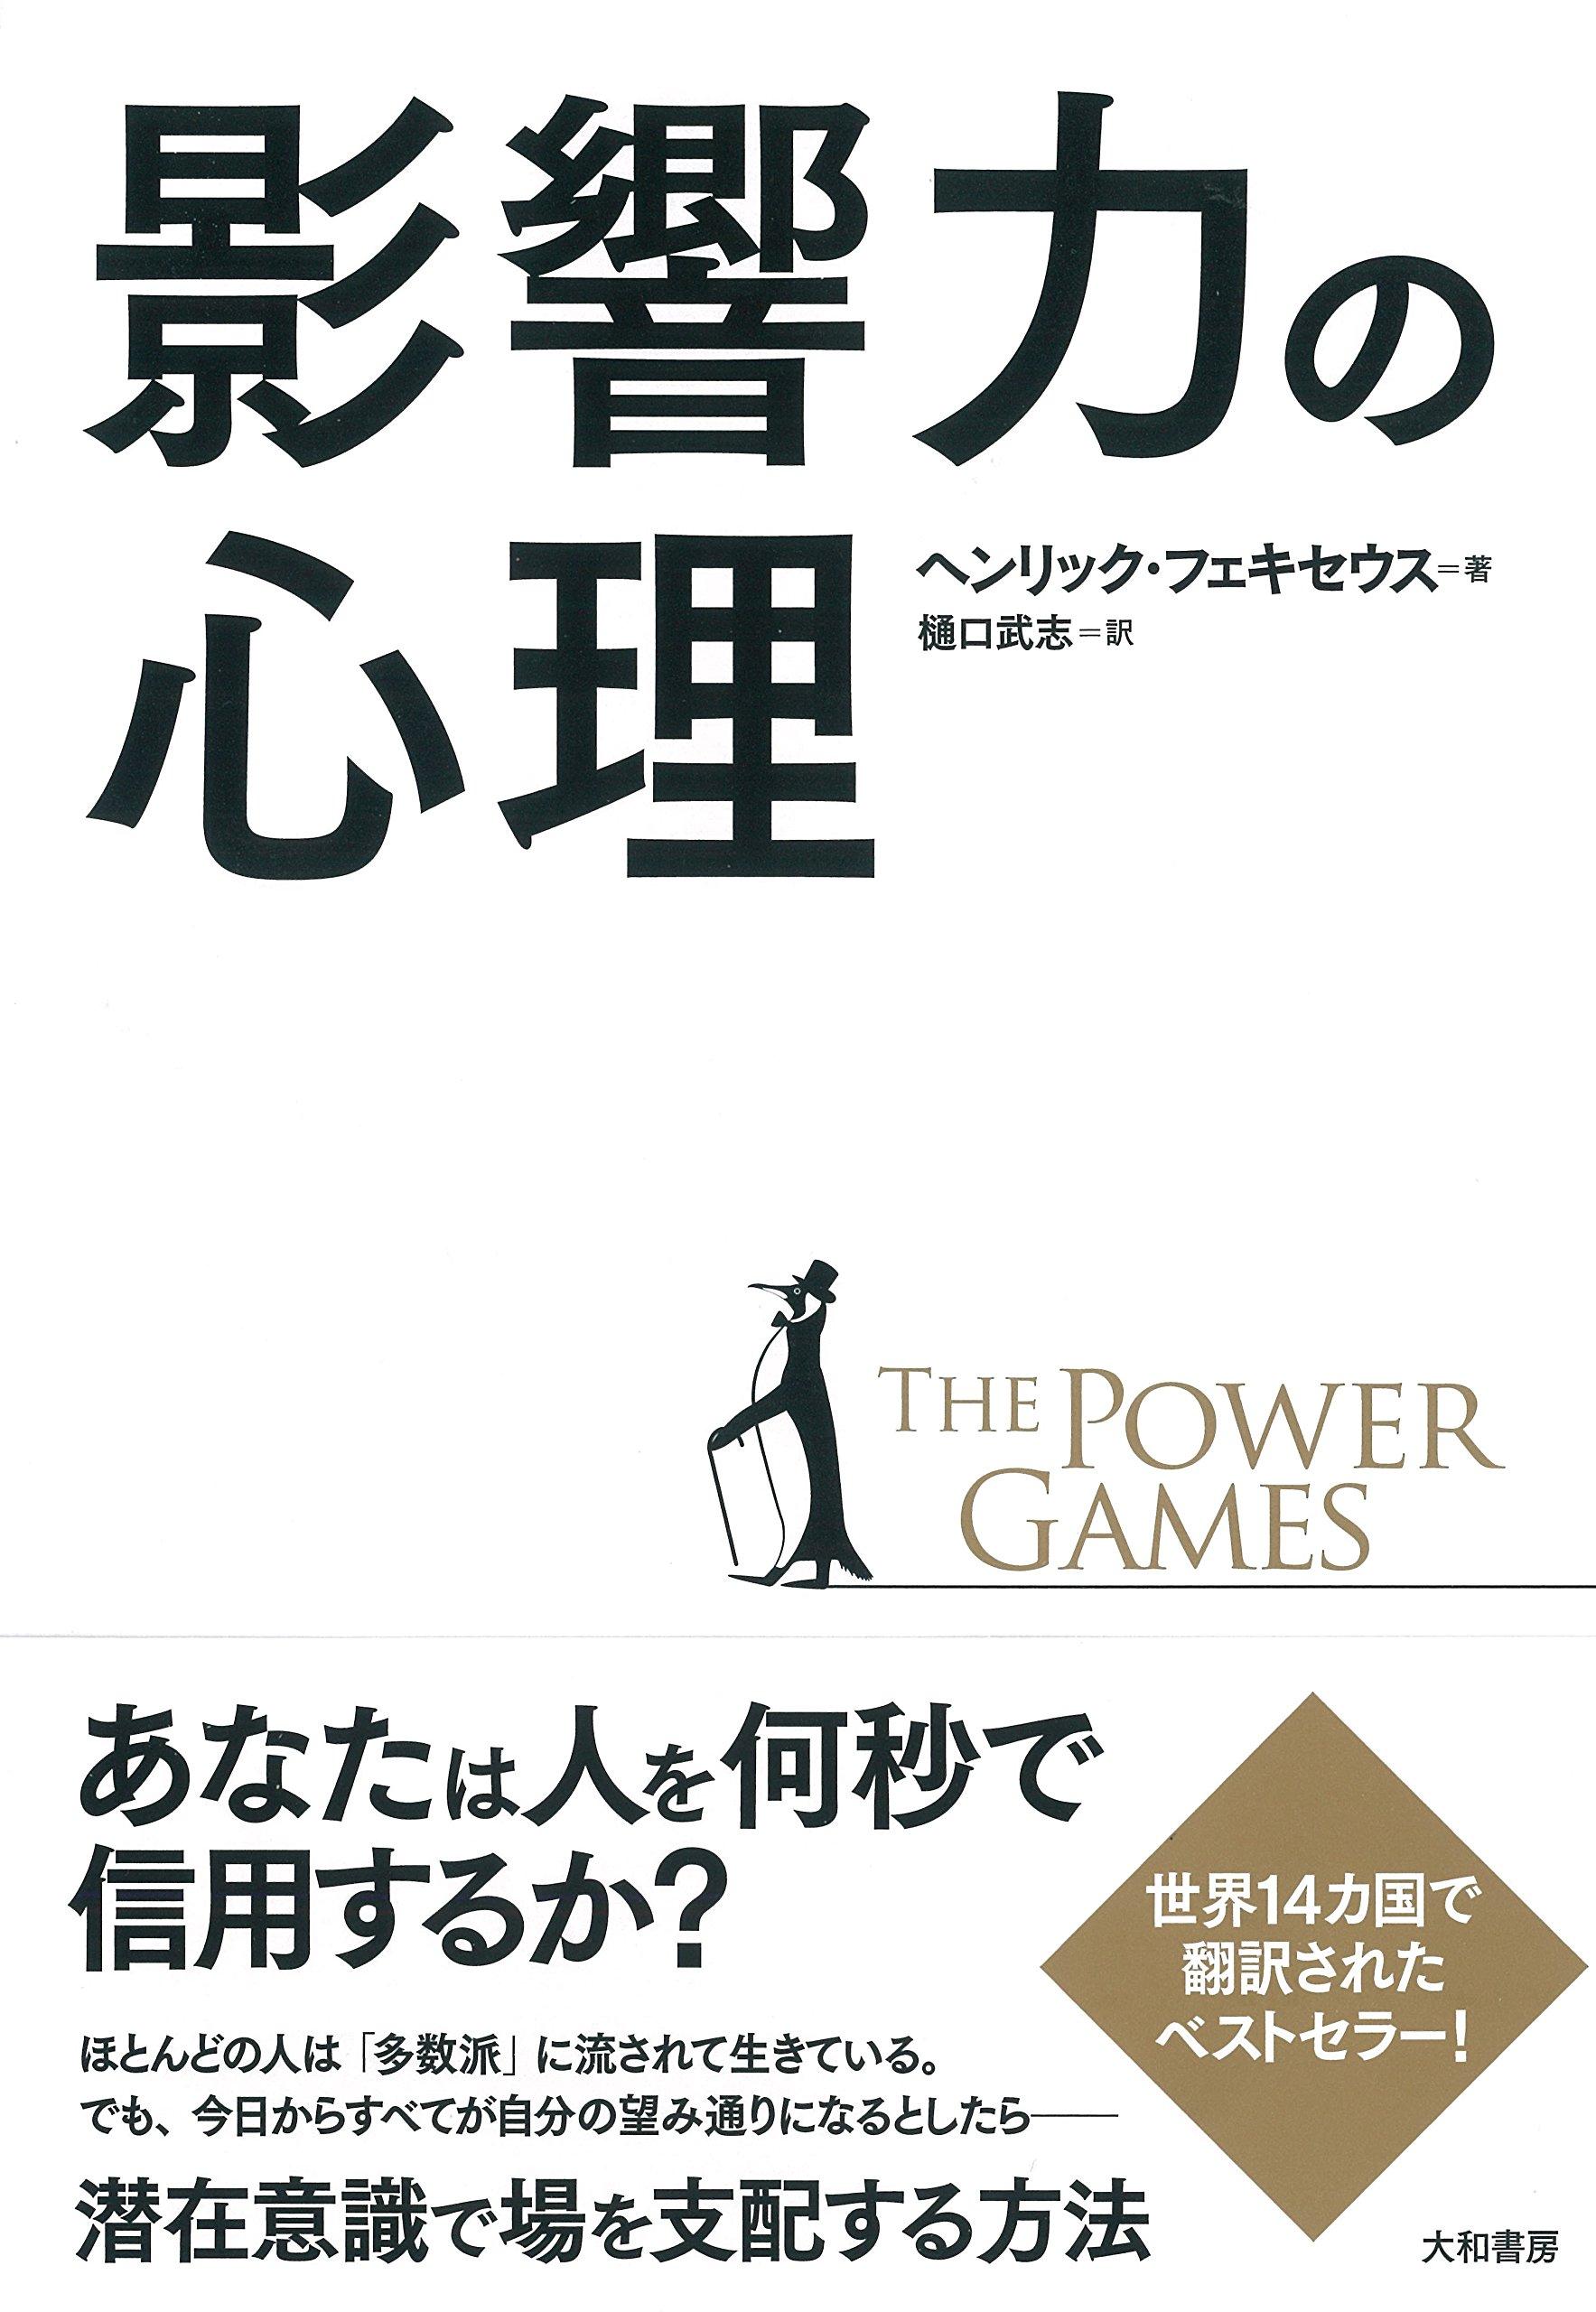 影響力の心理~The Power Games~ ...